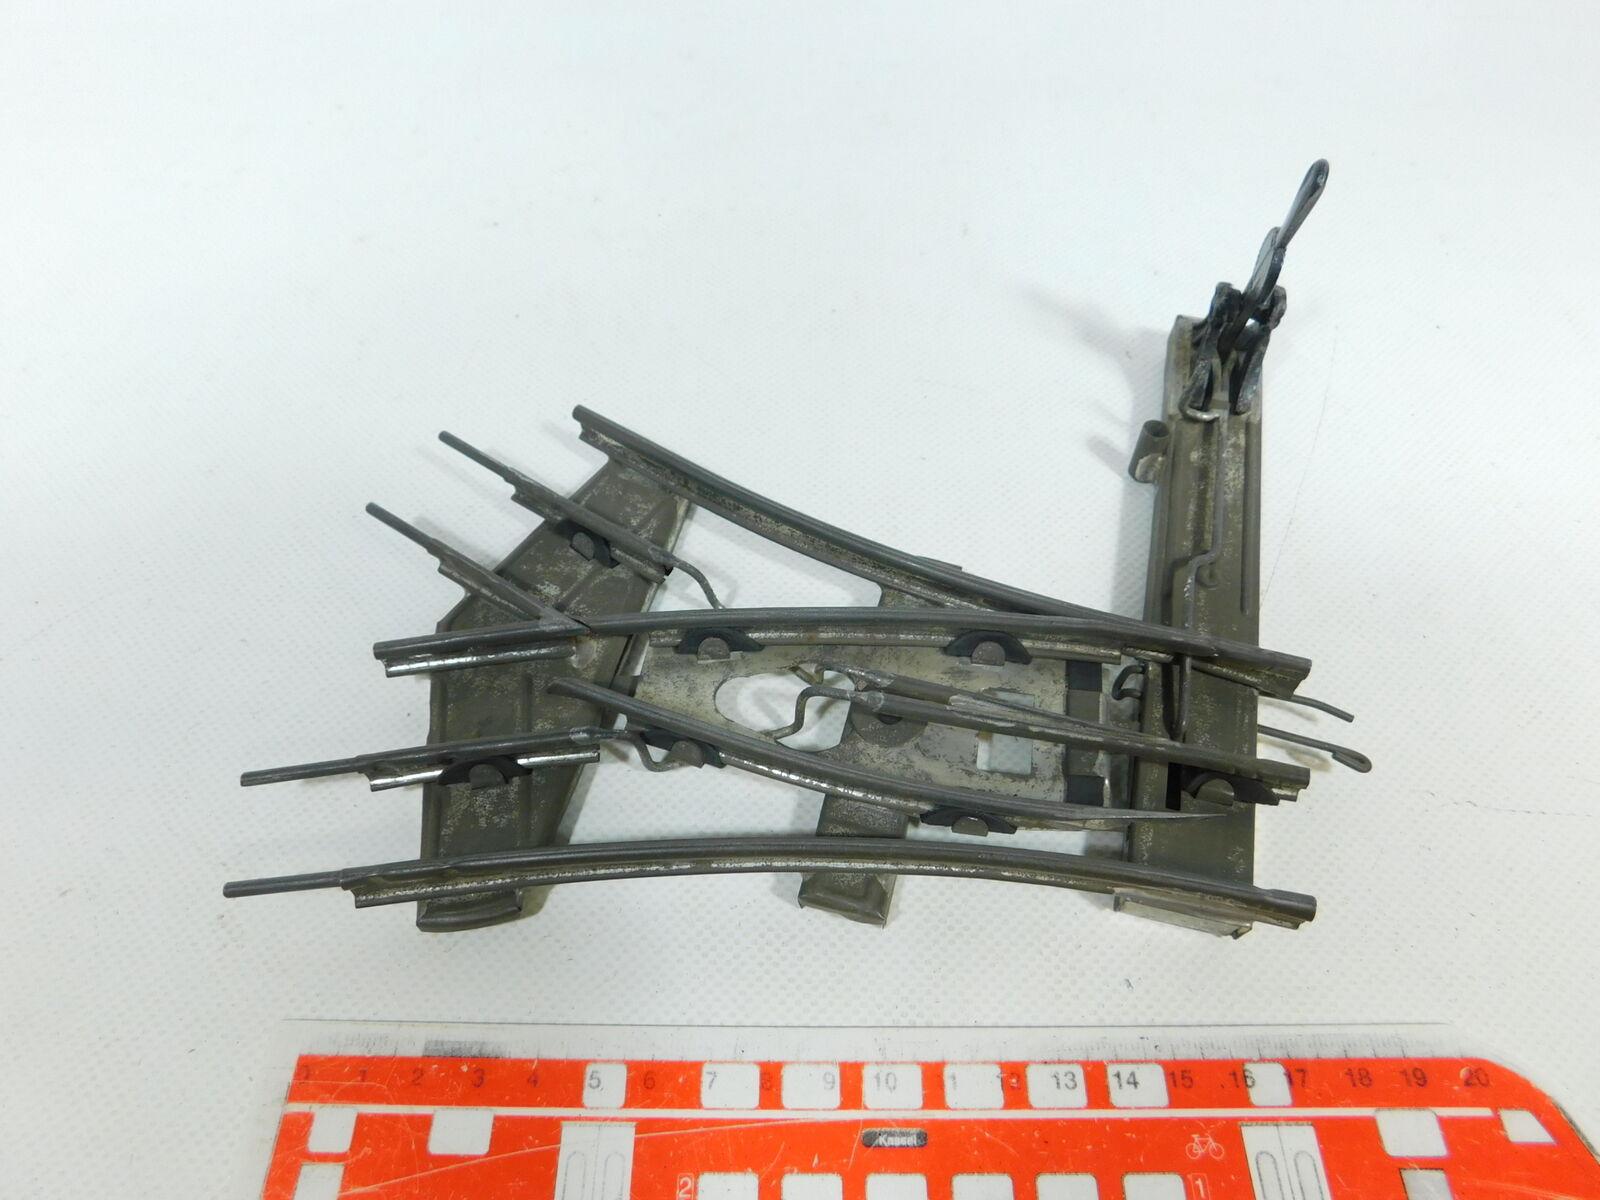 Bw44-0, 5 Märklin Escala 1 Y-Soft 8 8 Er Círculo para Eléctrico Operación